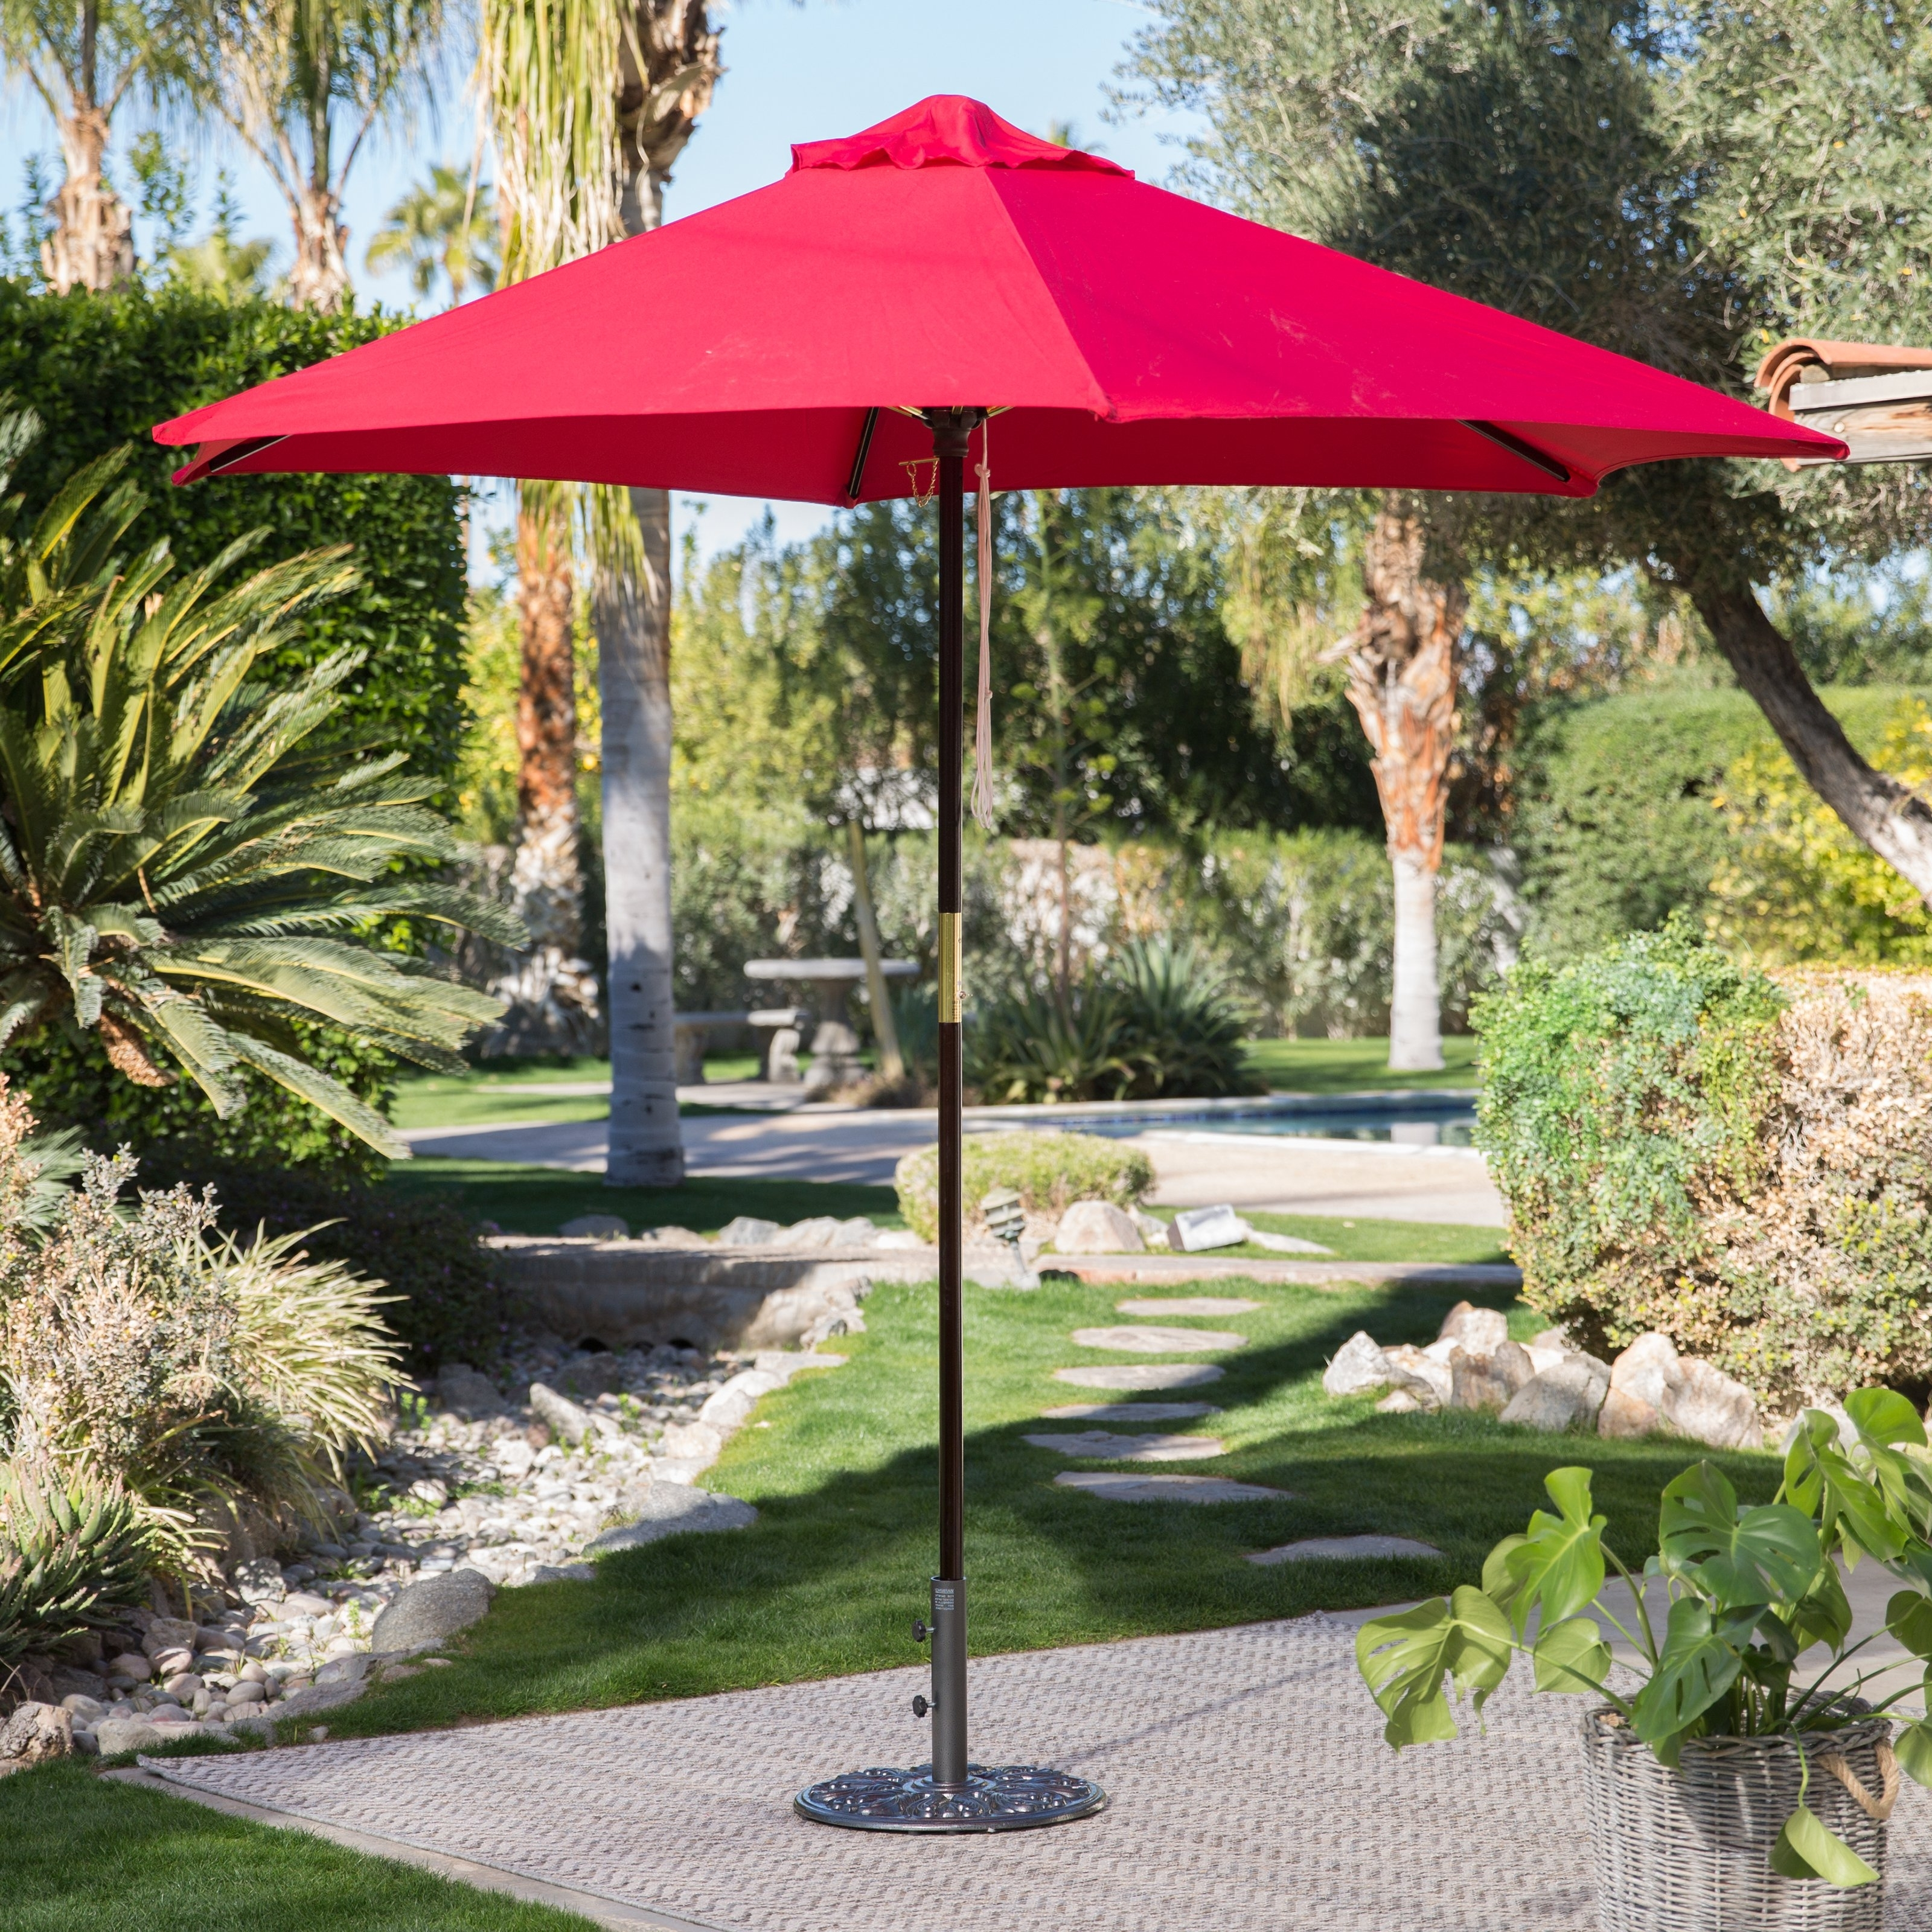 2019 European Patio Umbrellas With Regard To Coral Coast 40 Lb. European Patio Umbrella Stand (Gallery 15 of 20)